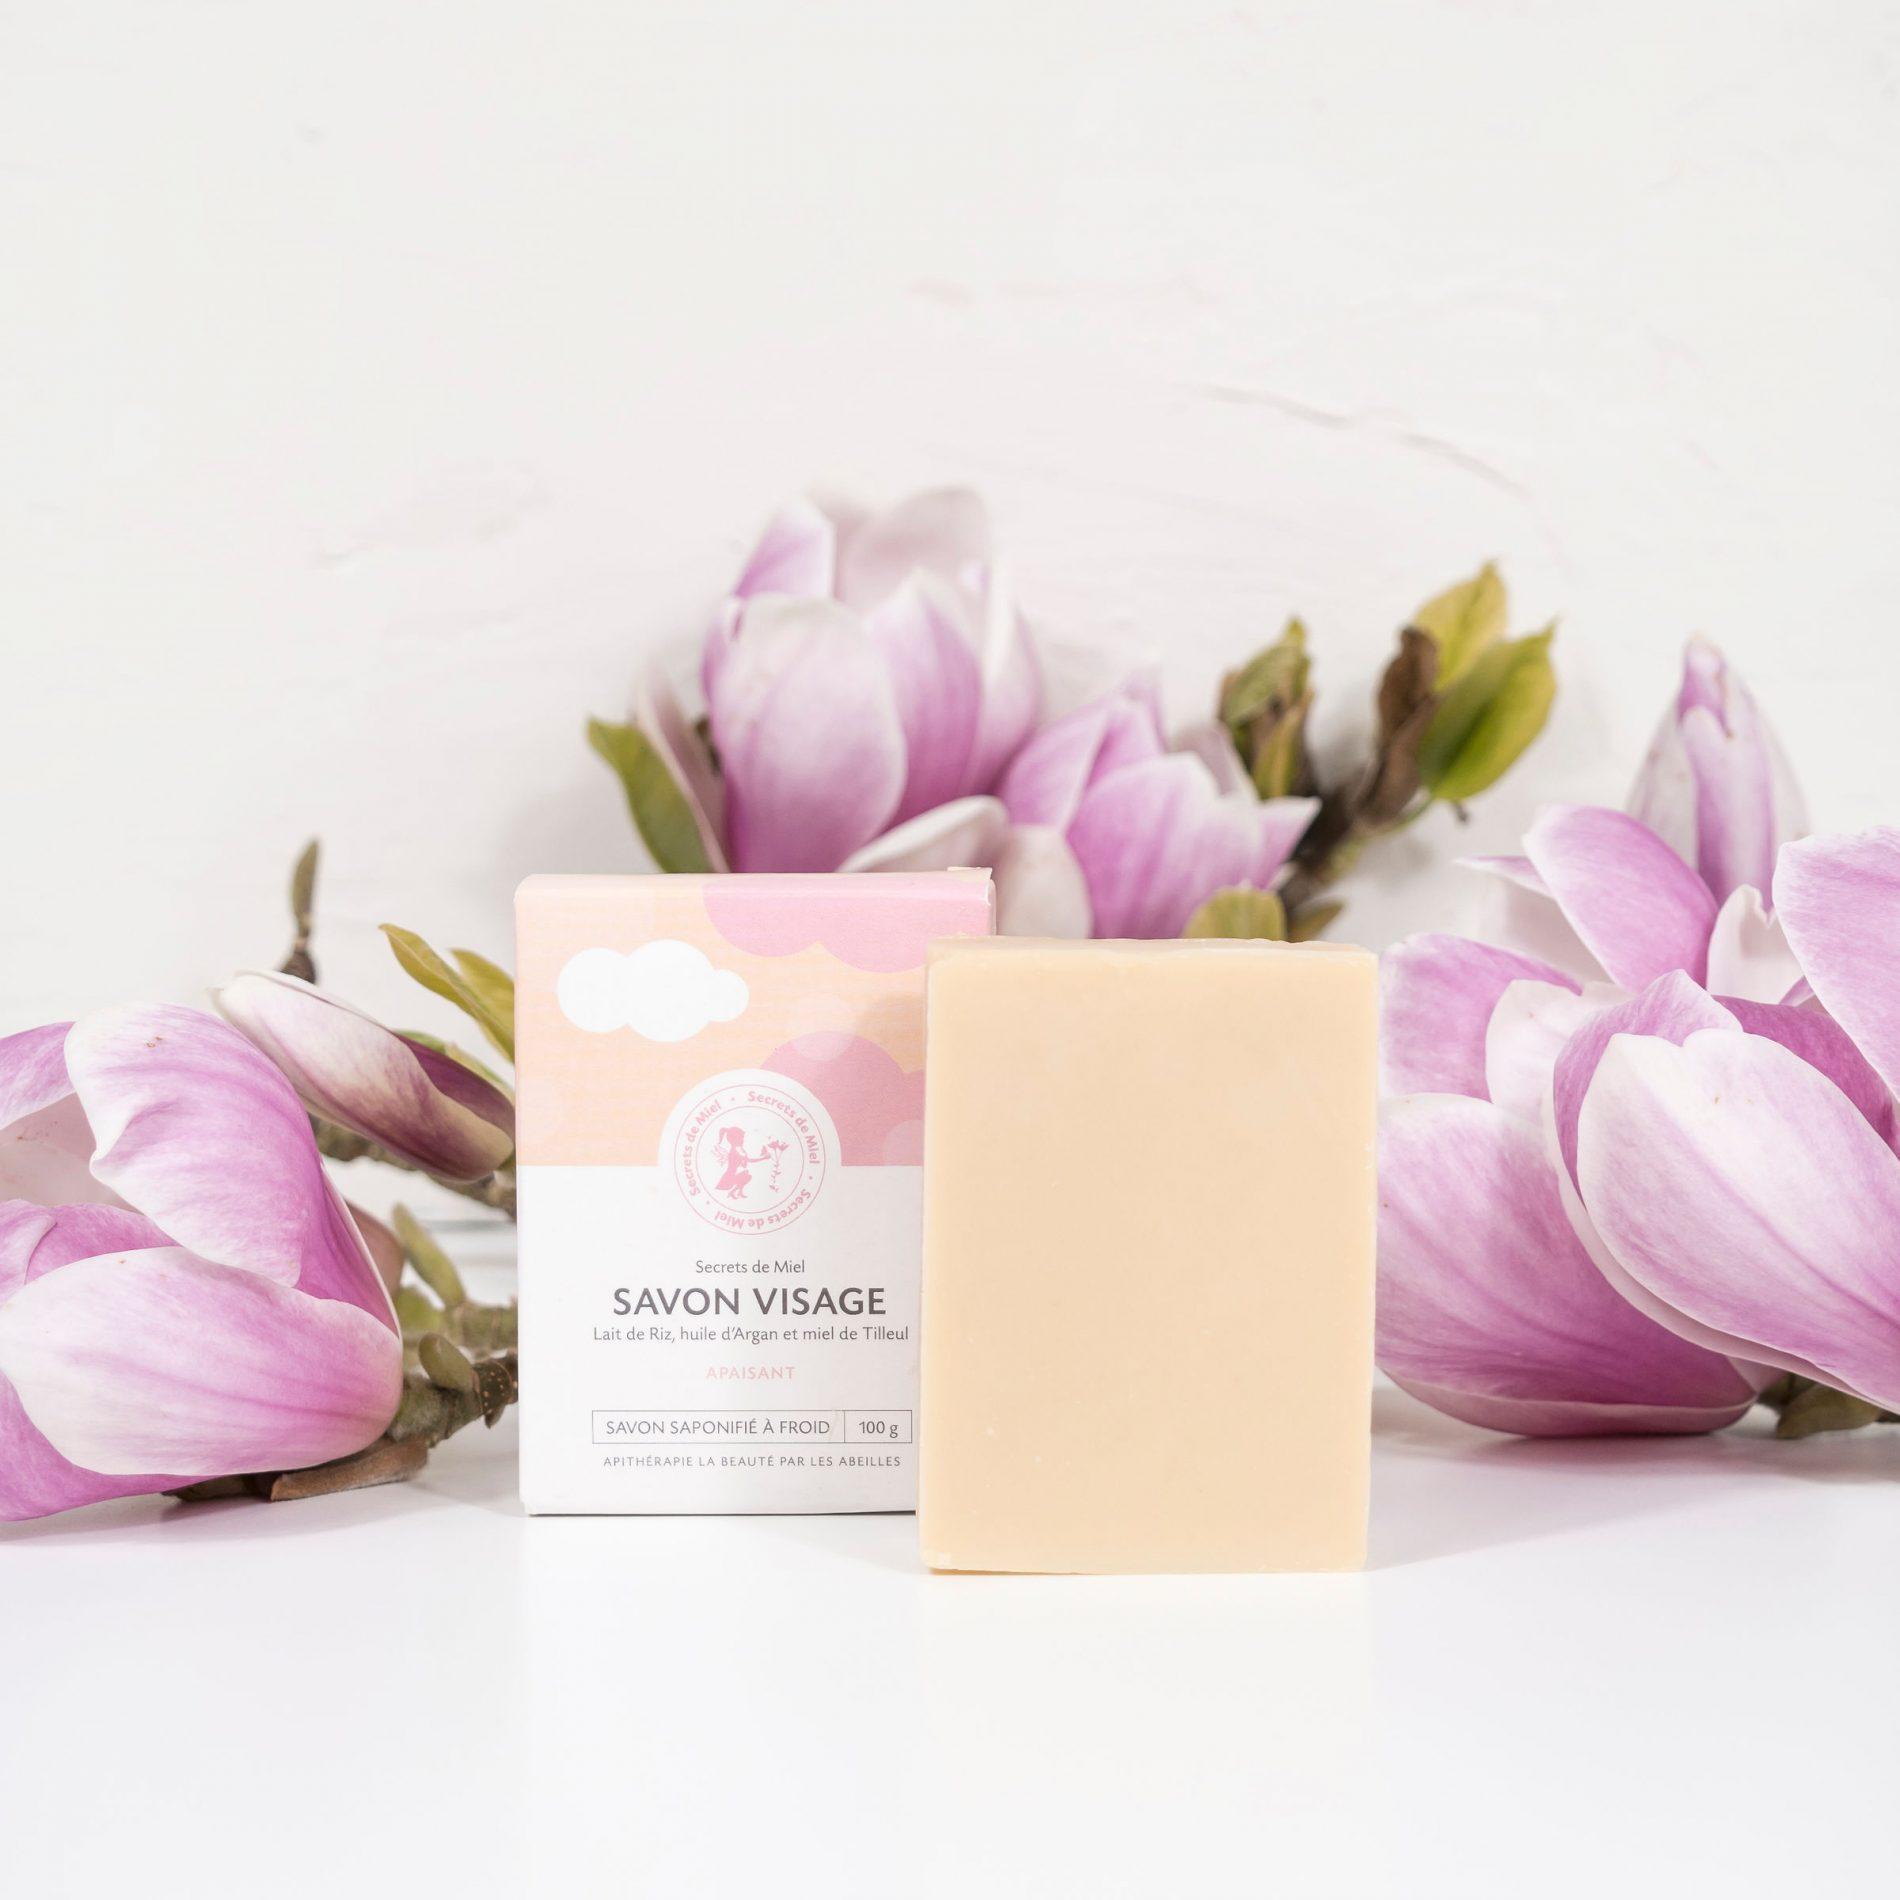 Savon apaisant - Lait de riz, Argan et Tilleul - savon visage - nettoyant visage - produit naturel - savon saponifié à froid - Secrets de Miel